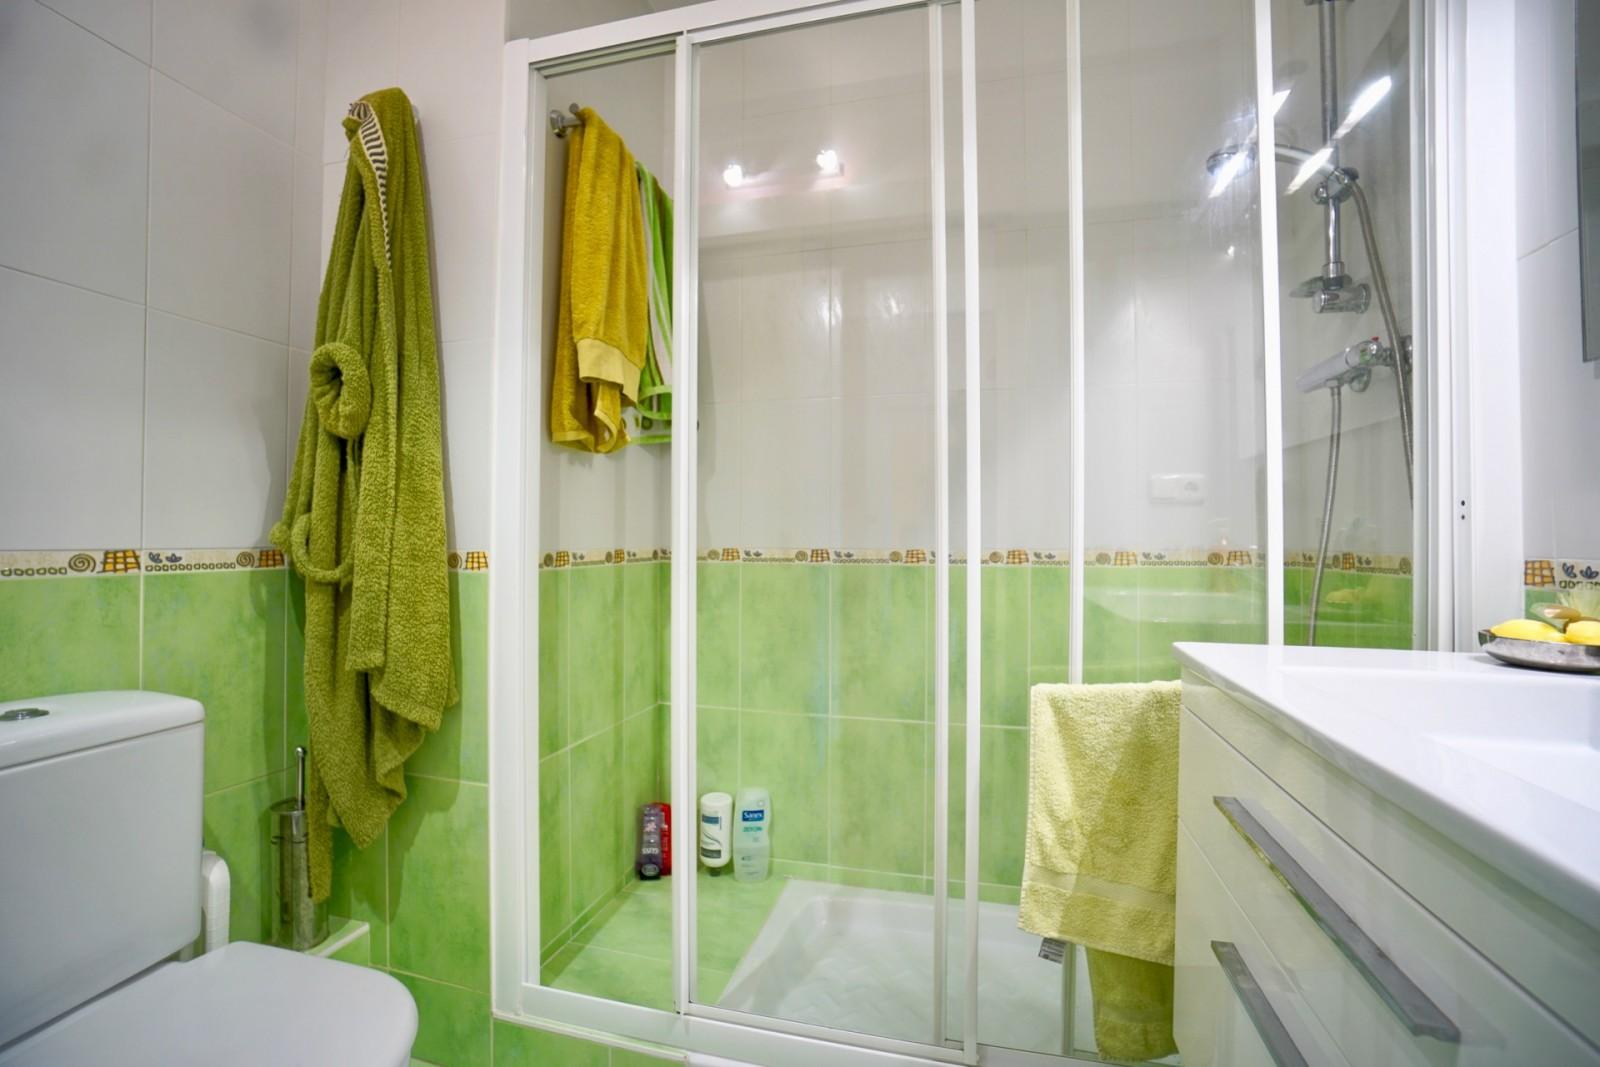 #B79A10 LE CALME À LA CHAMBRE D'AMOUR Agence OLAIZOLA Location  2893 plage de la petite chambre d'amour anglet 1600x1067 px @ aertt.com